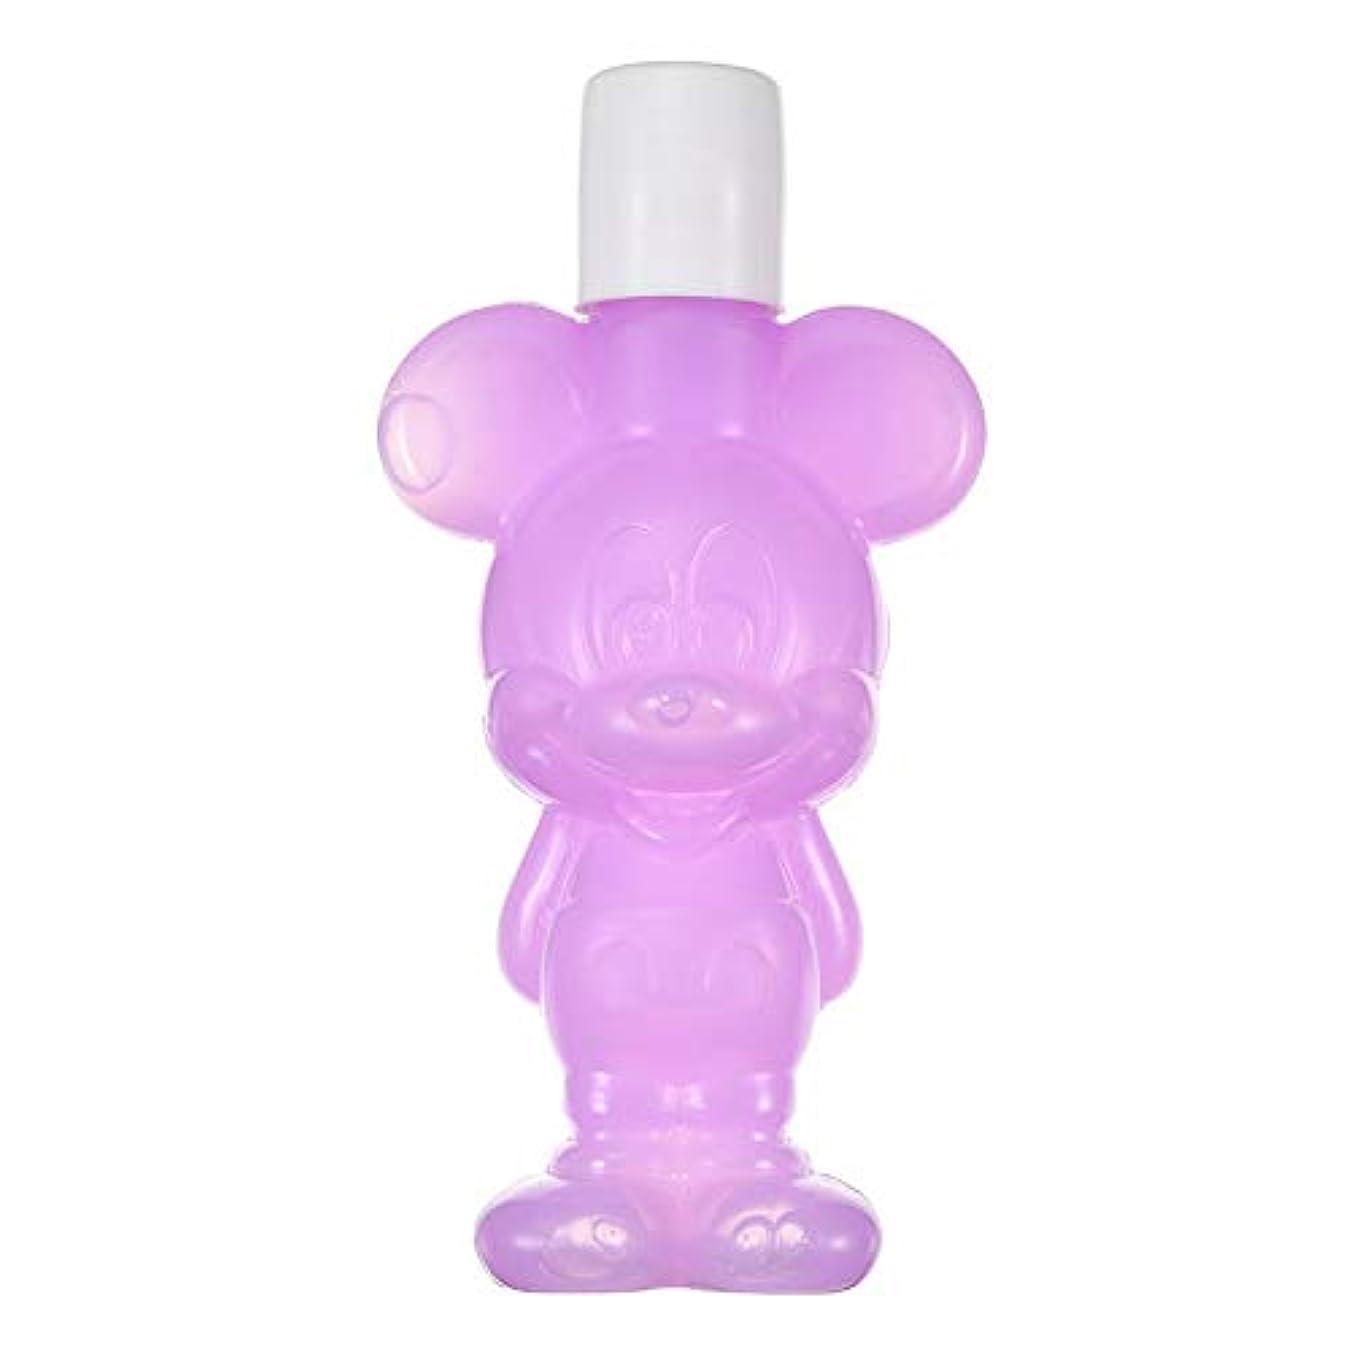 レギュラー先住民故国ディズニーストア(公式)保湿ジェル ミッキー パープル Gummy Candy Cosme